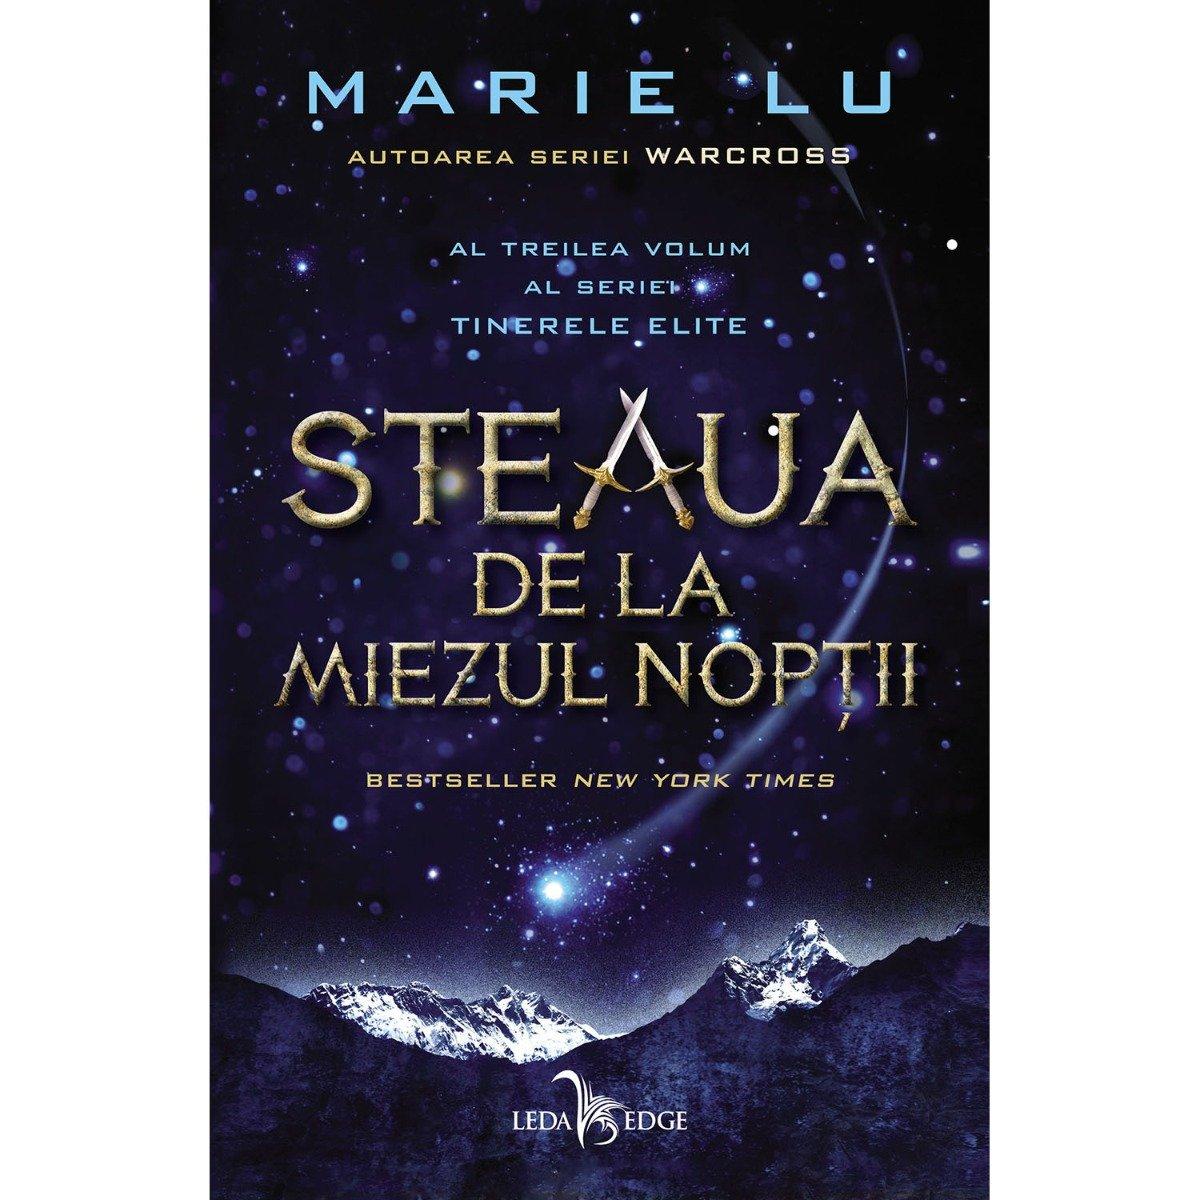 Carte Editura Corint, Tinerele elite vol. 3 Steaua de la miezul noptii, Marie Lu imagine